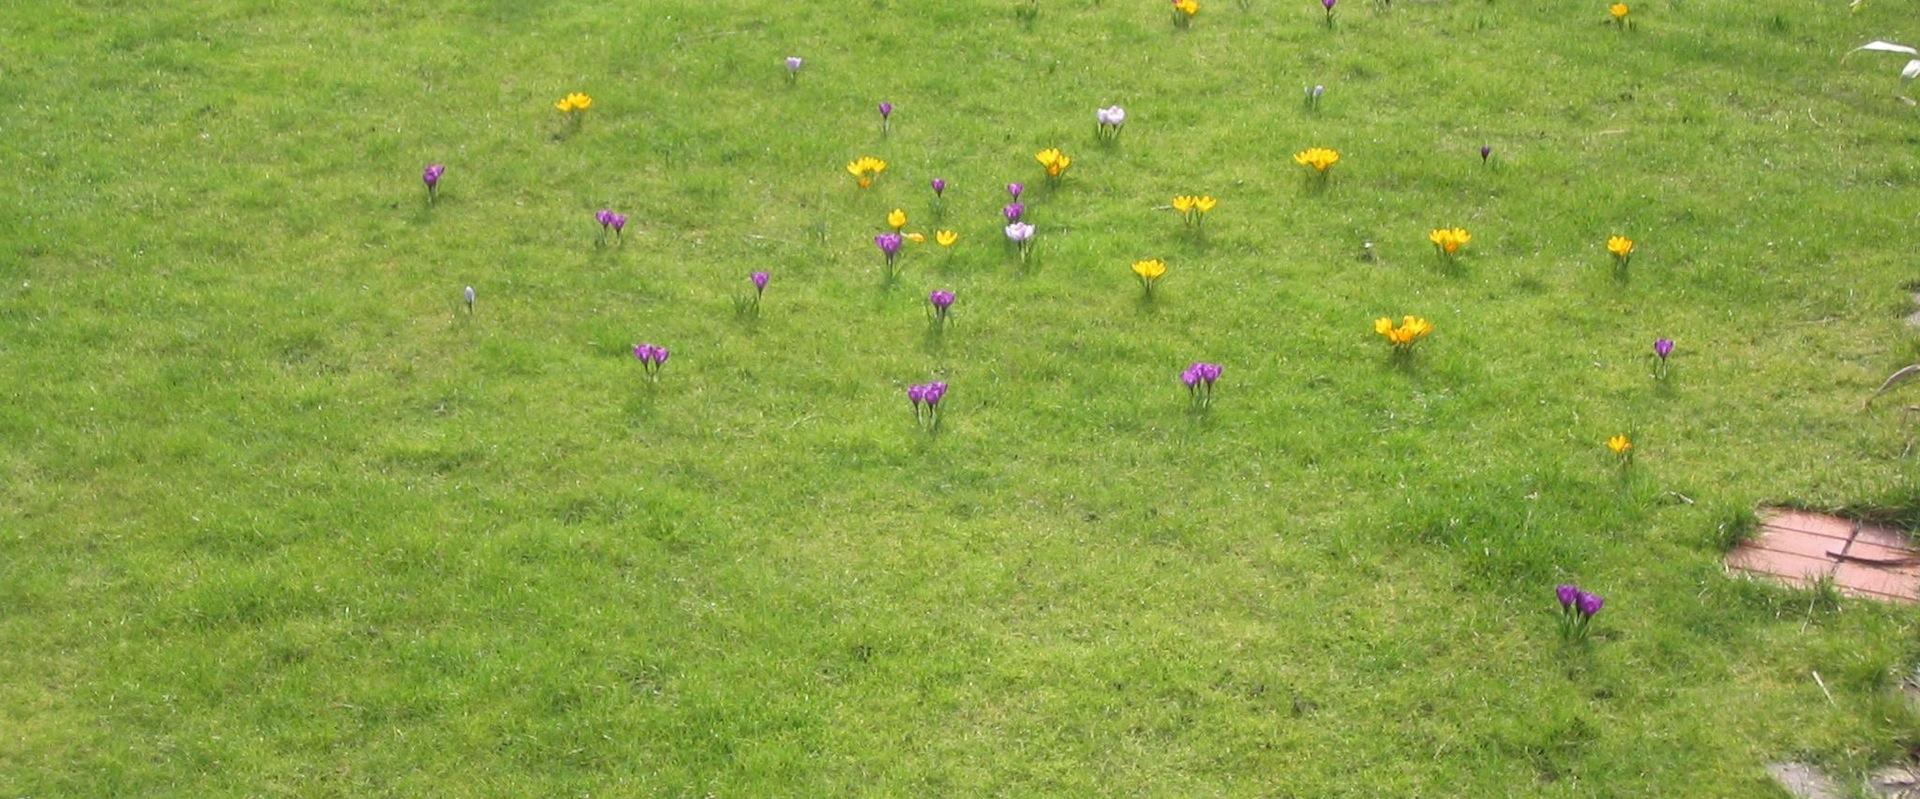 Frühling bei Worm Wohn-design